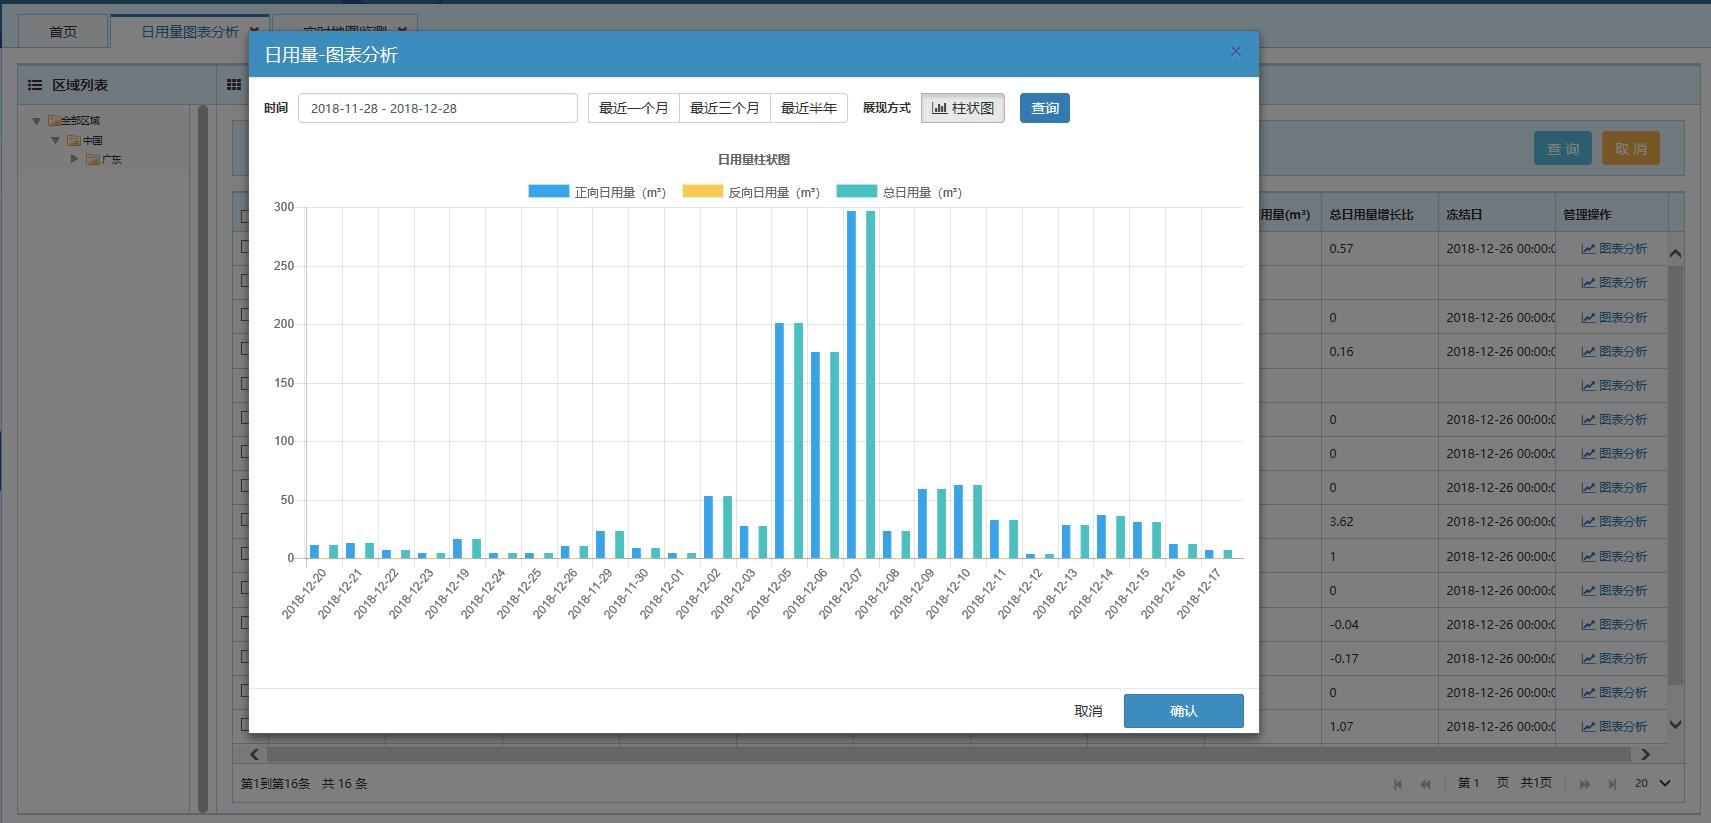 分区计量系统多平台警报及数据显示